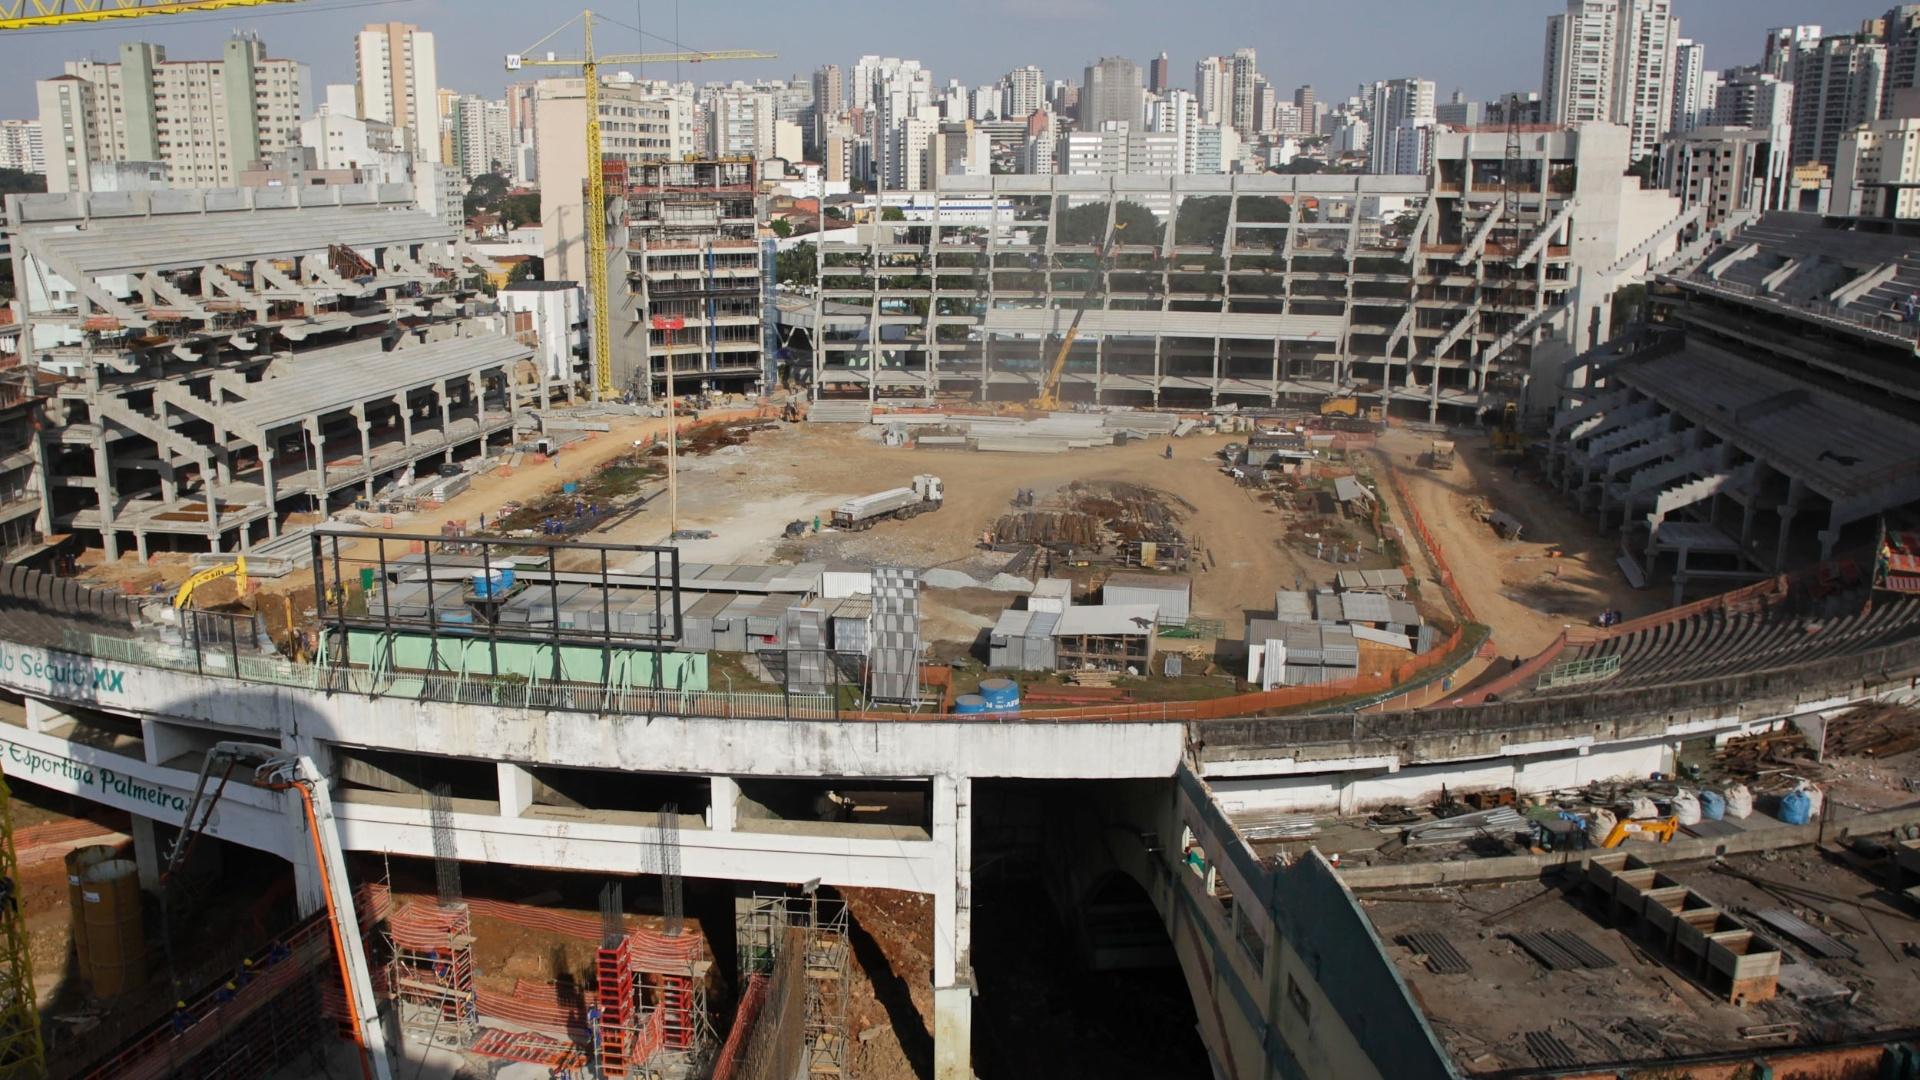 http://imguol.com/2012/08/06/visao-panoramica-das-obras-do-novo-estadio-do-palmeiras-a-arena-palestra-1344283846303_1920x1080.jpg